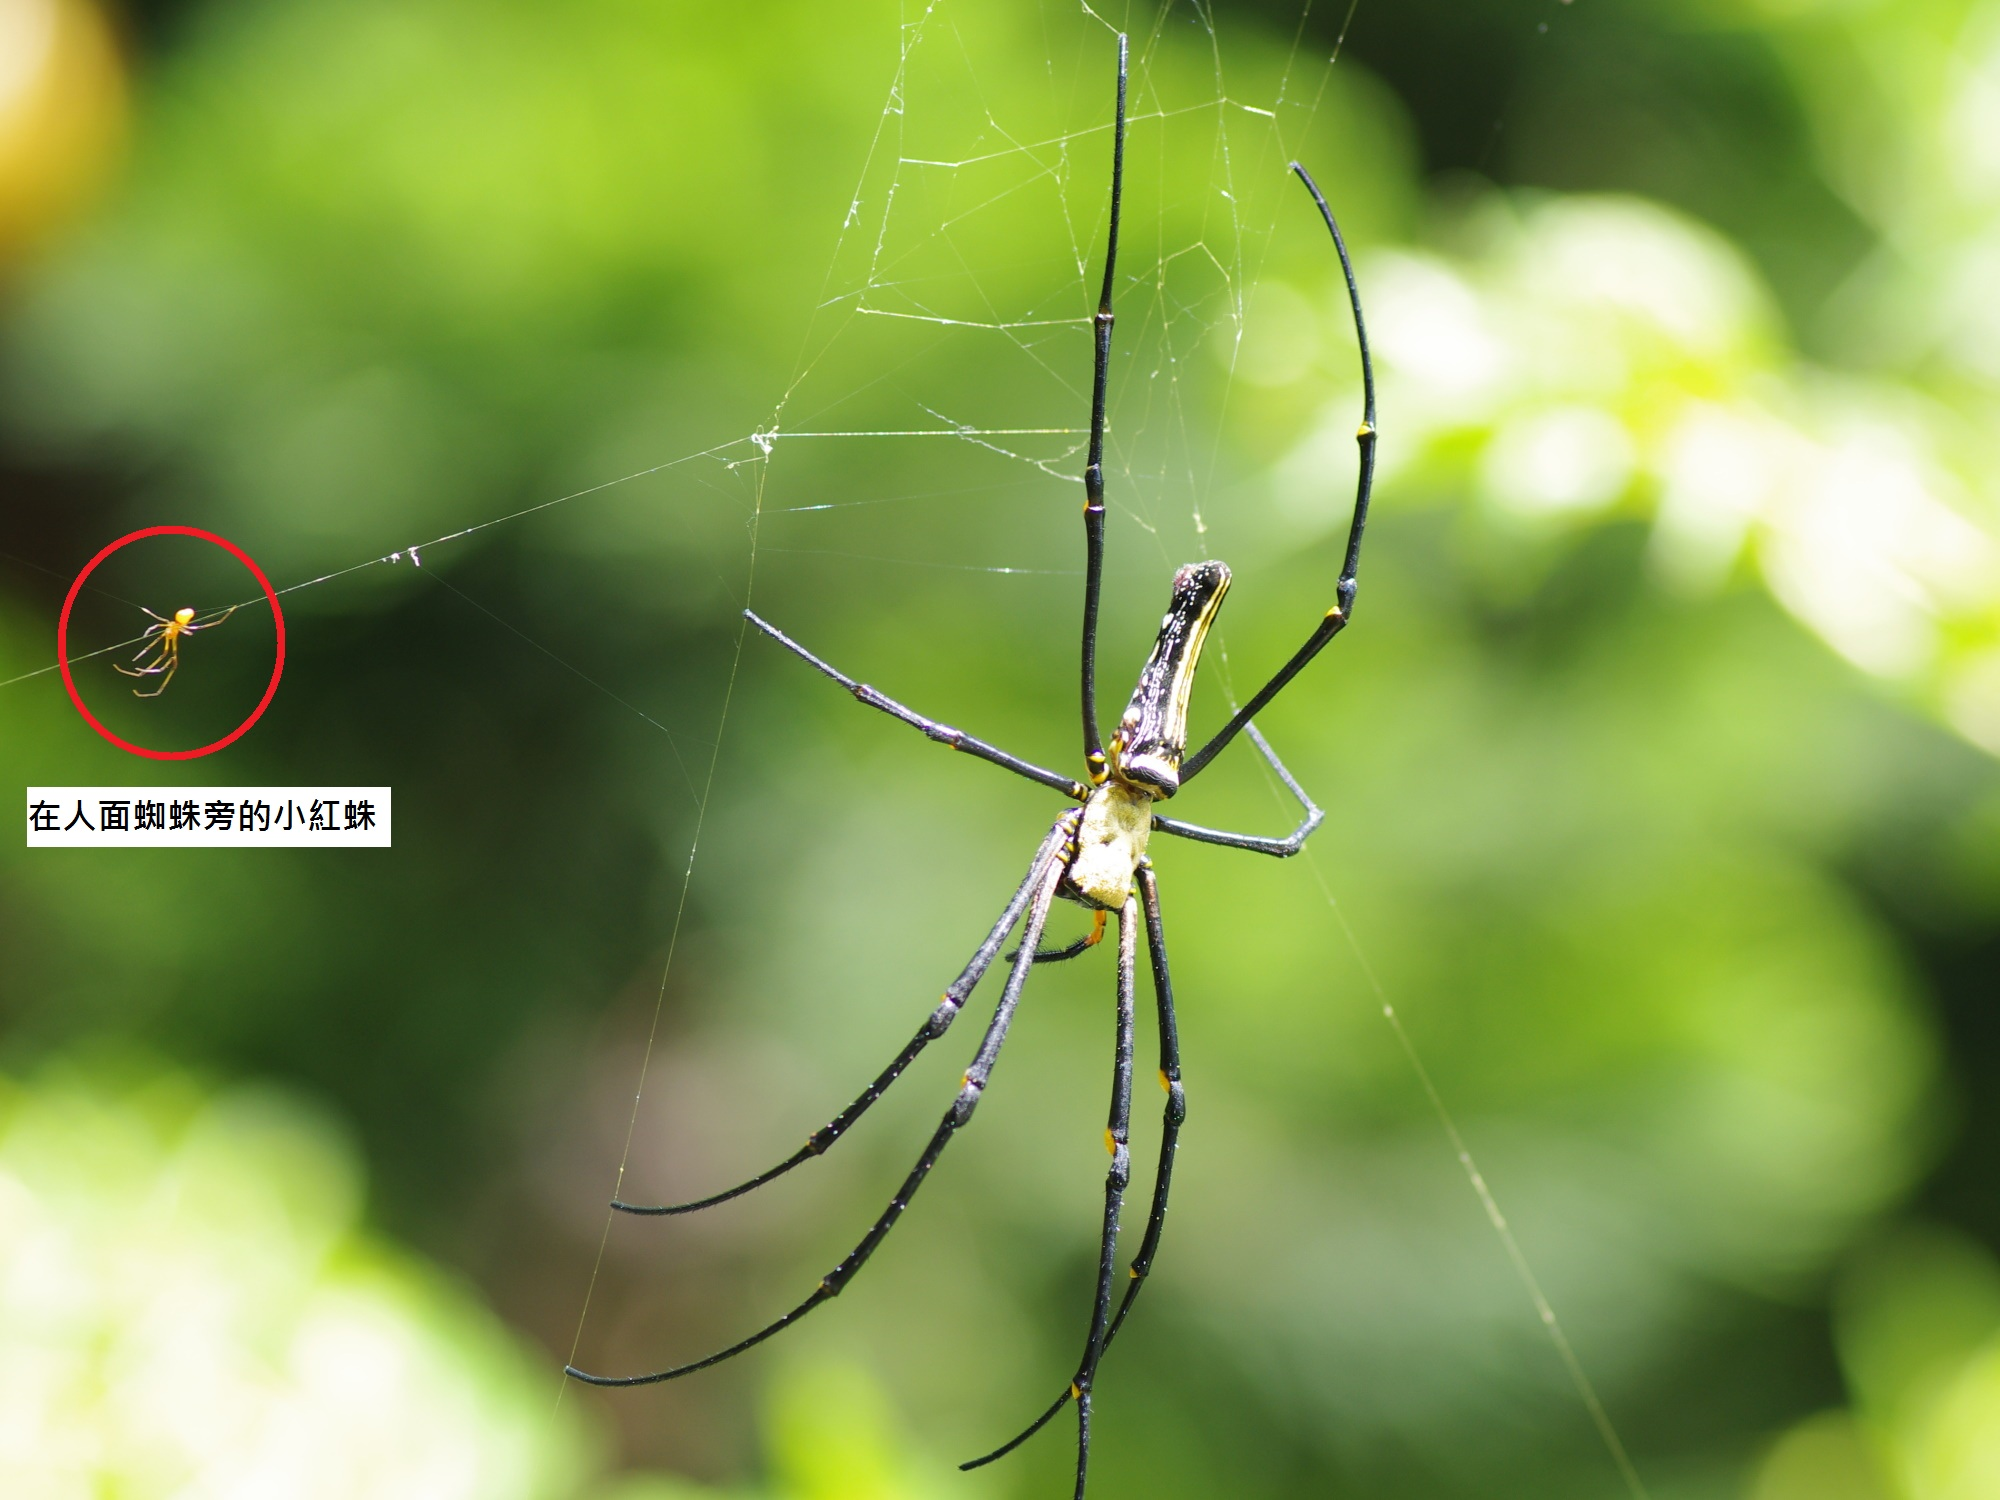 圖一:人面蜘蛛旁有一隻紅色小型蜘蛛。